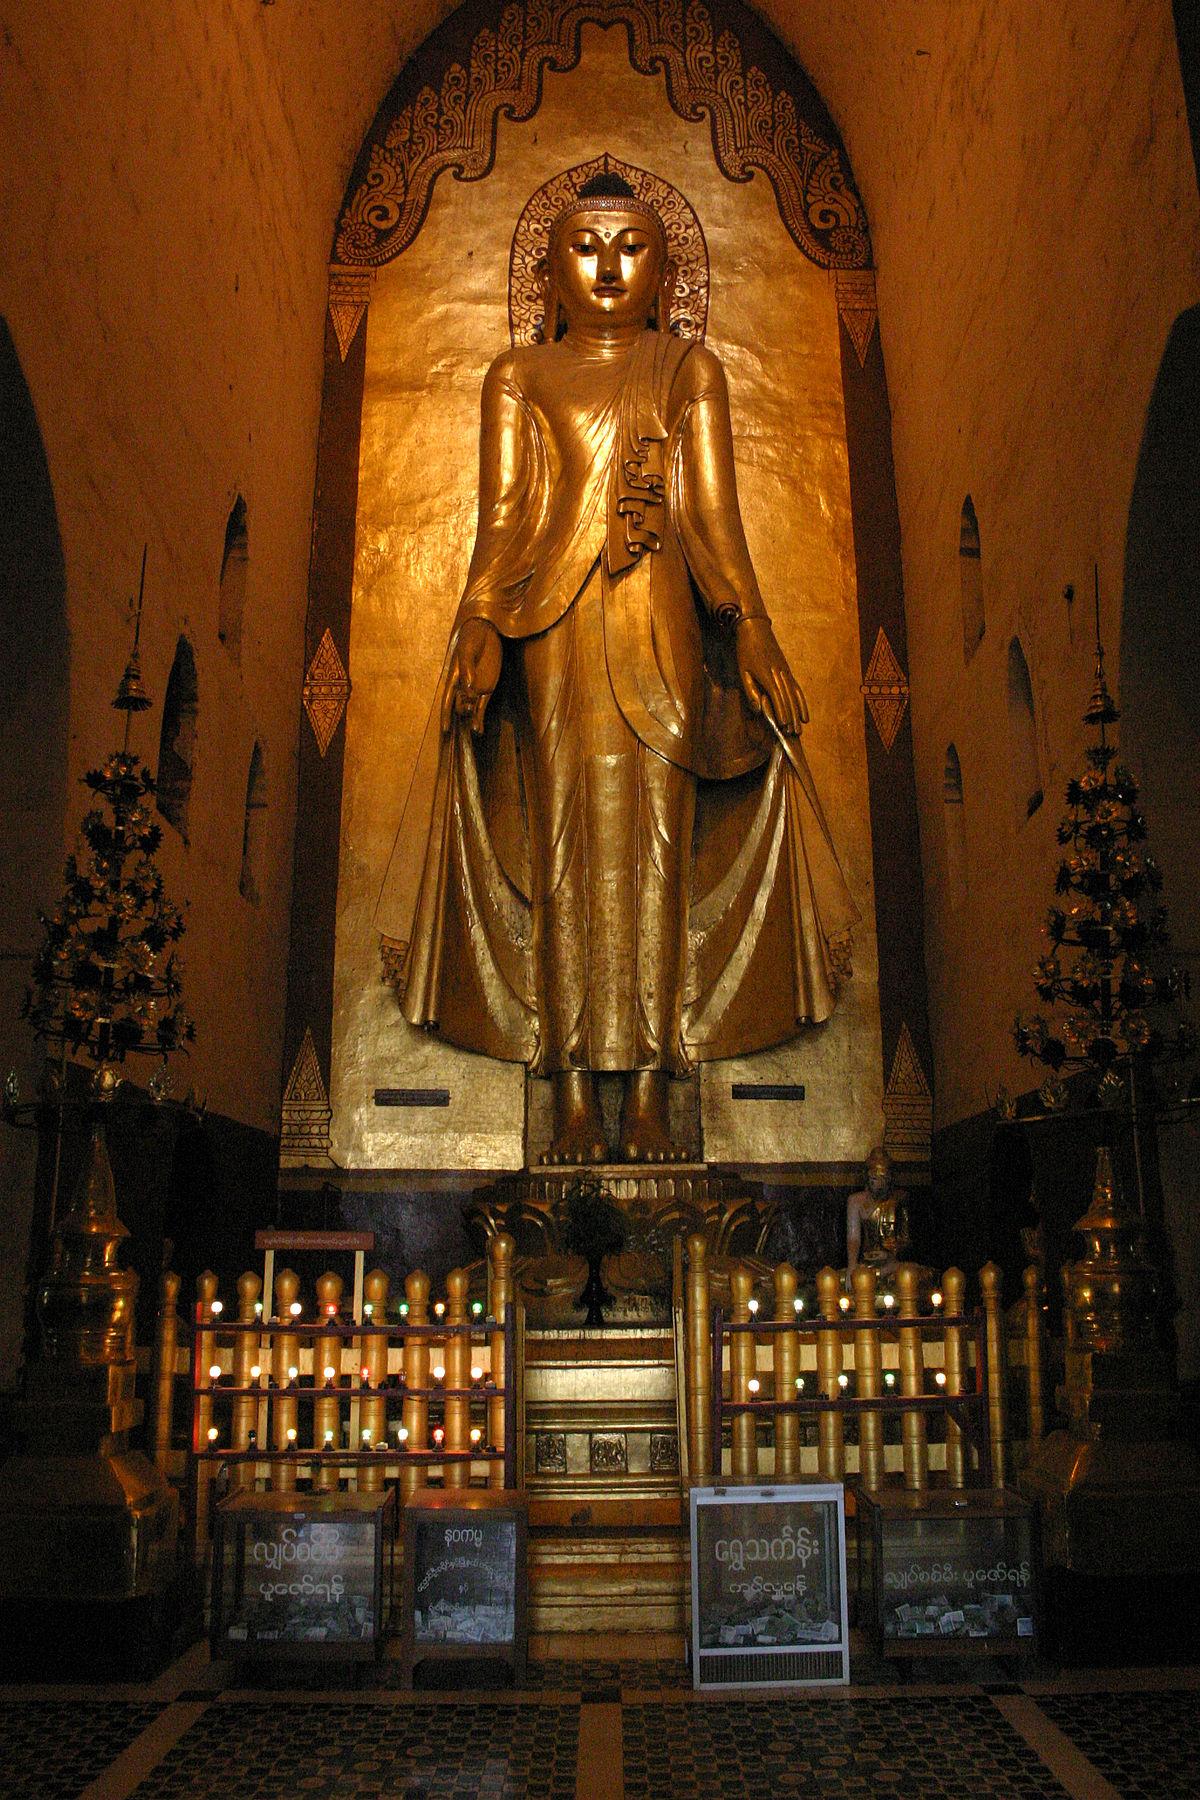 Hình ảnh tượng Phật Câu Lưu Tôn